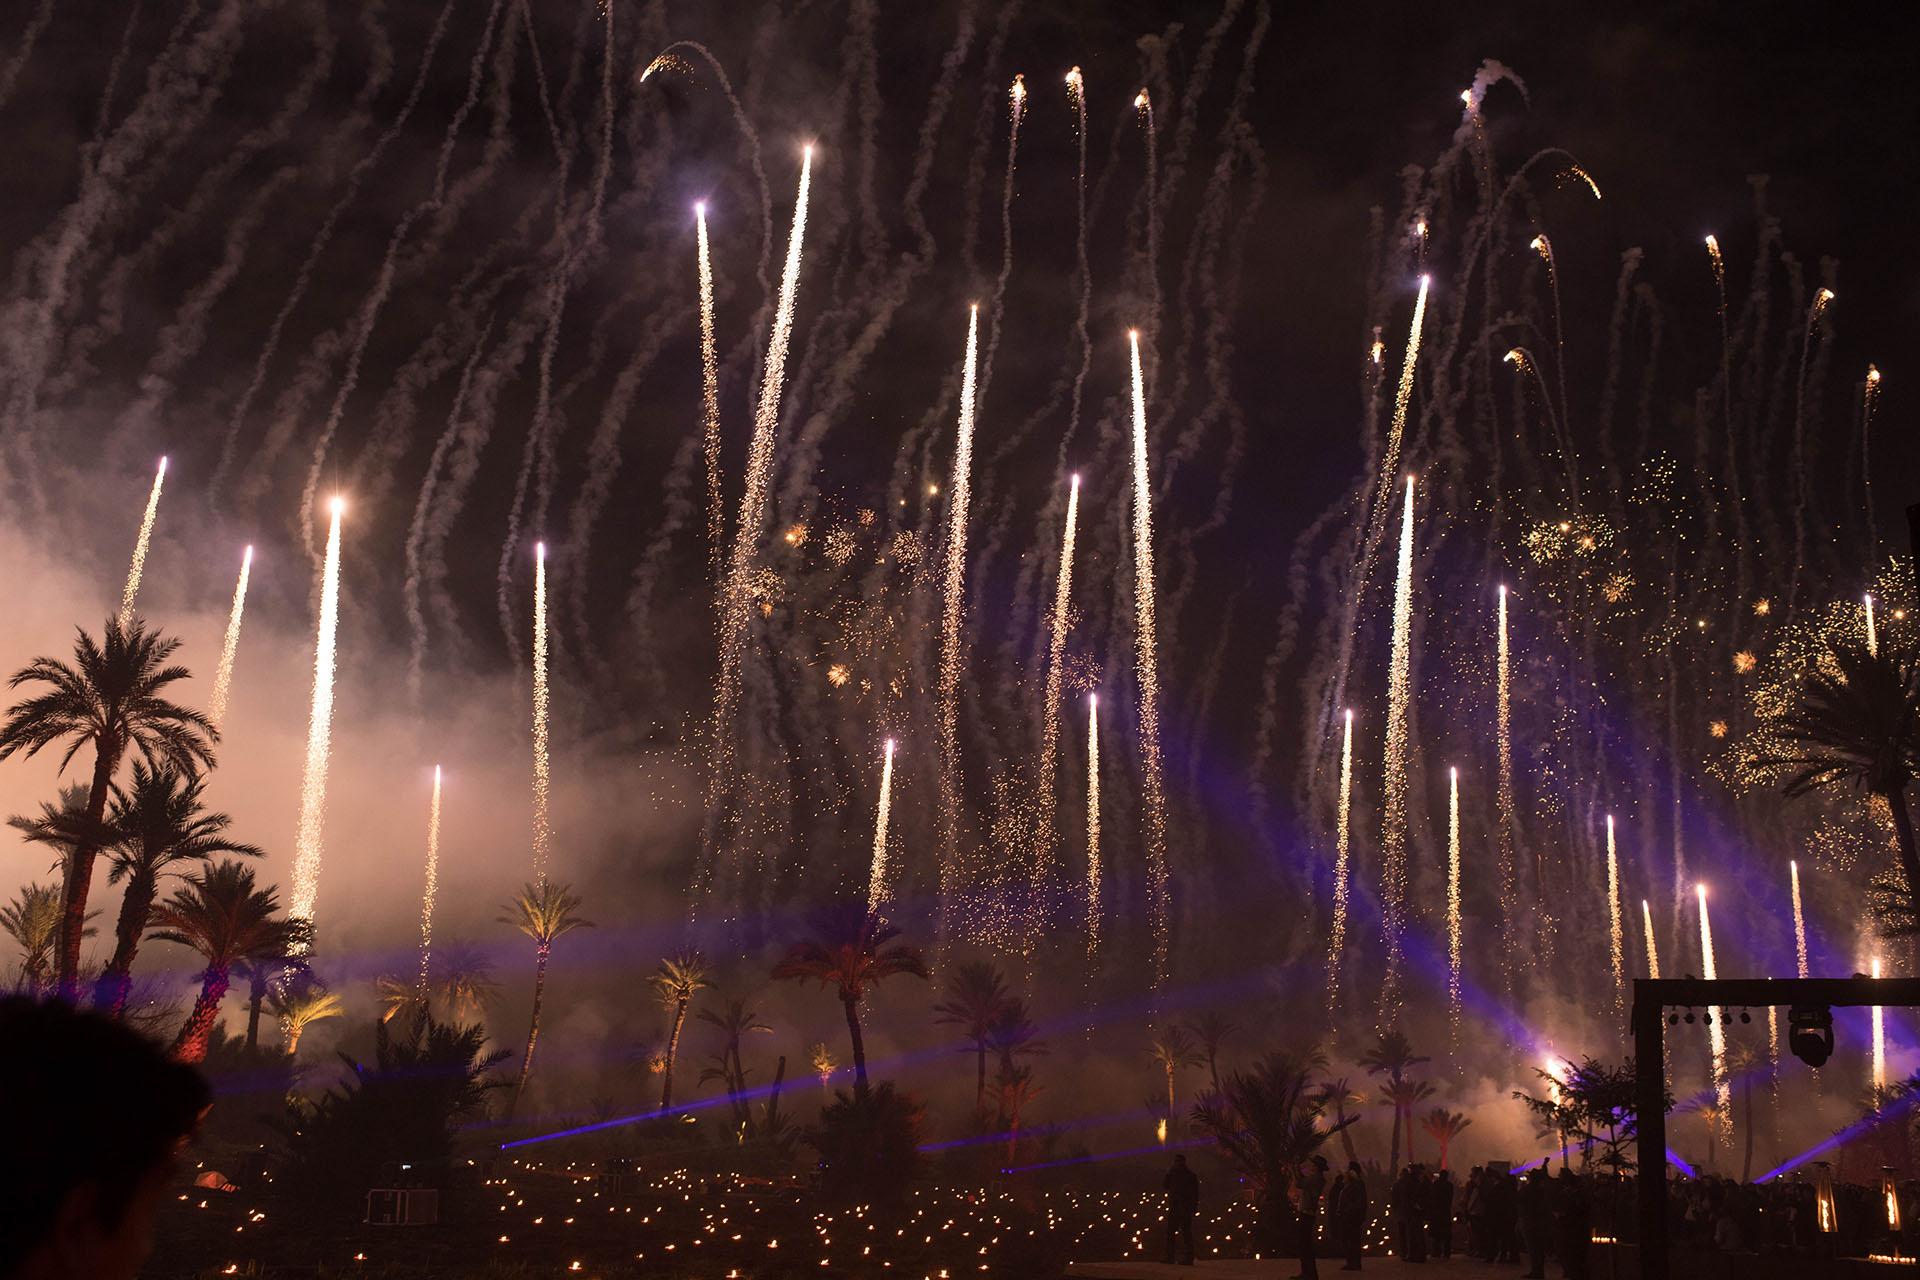 20 minutos de un impactante espectáculo de pirotecnia iluminaron el cielo de Marrakech como cierre